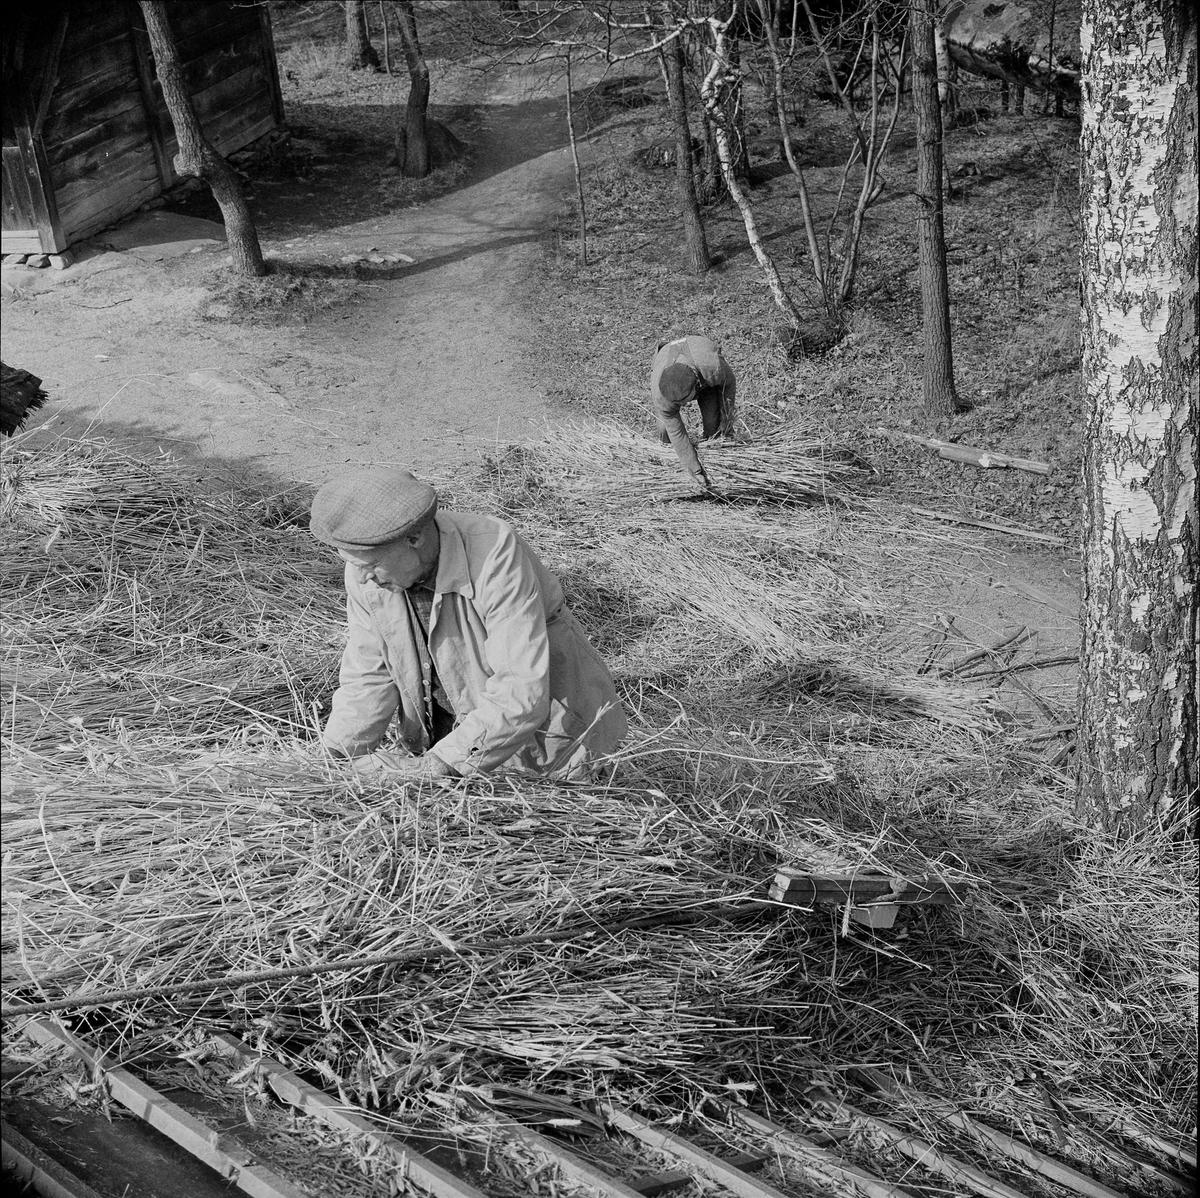 Halmtaksläggning Oktorpsgården, Skansen, 1965